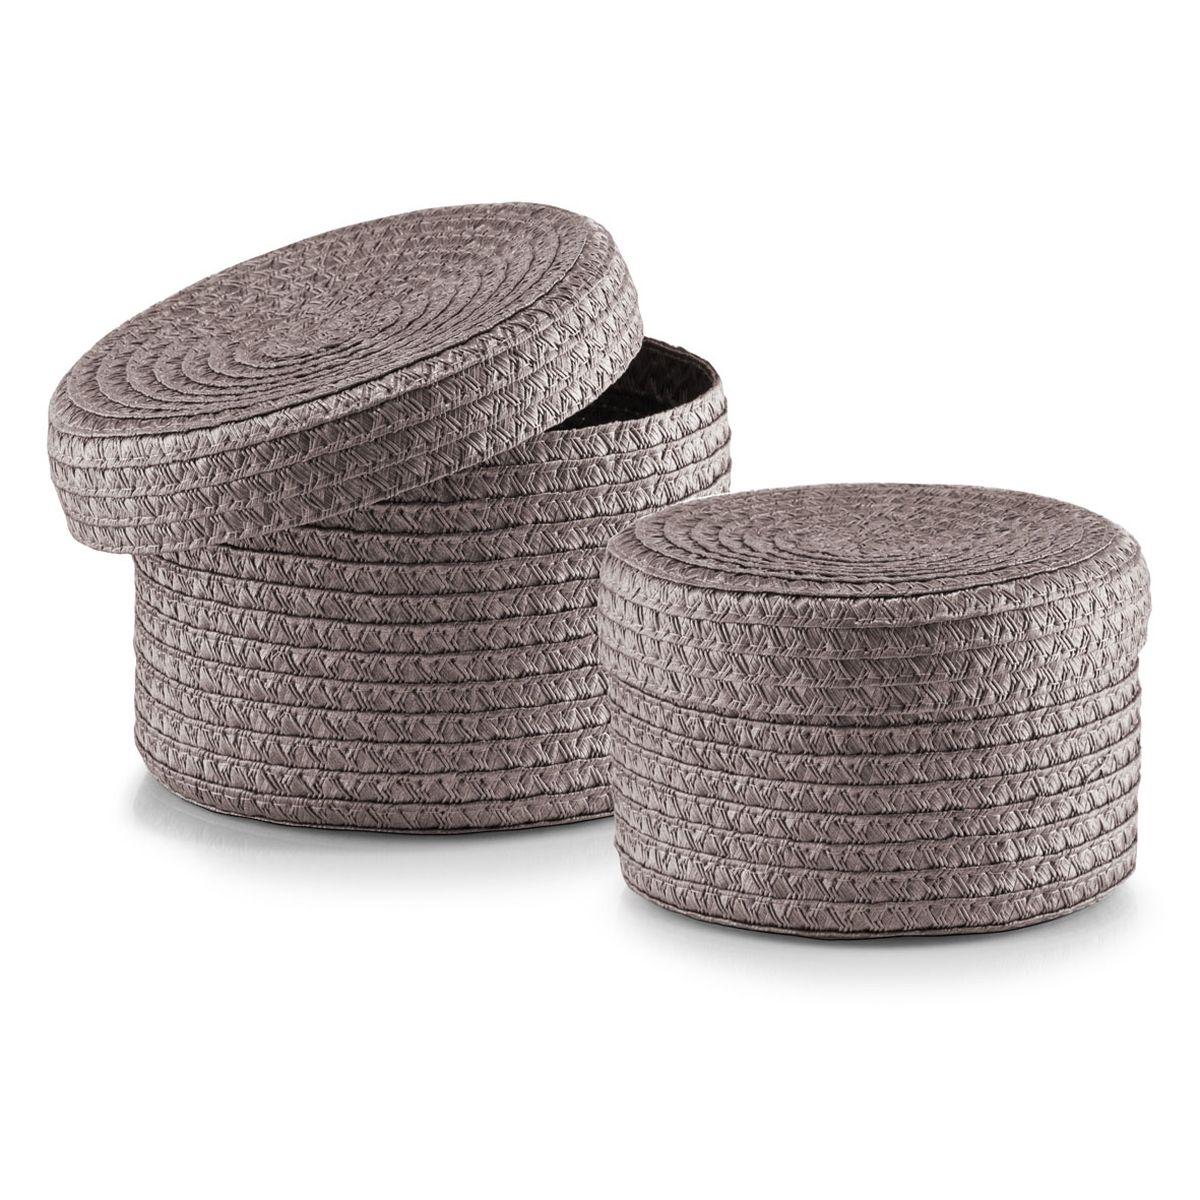 Набор корзин Zeller с крышками, цвет: серо-коричневый, 2 шт14122Набор Zeller состоит из двух корзин разного размера. Корзинки изготовлены из текстиля и оснащены крышками. Изделия идеально подходят для упаковки подарков, цветочных композиций и подарочных наборов, для хранения различных вещей и аксессуаров. Так же они являются прекрасным декоративным элементом интерьера. Такие корзины будут создавать уют и комфорт в вашем доме и станут отличным подарком. Диаметр корзин: 16 см, 17 см. Высота корзин: 10 см, 12 см.